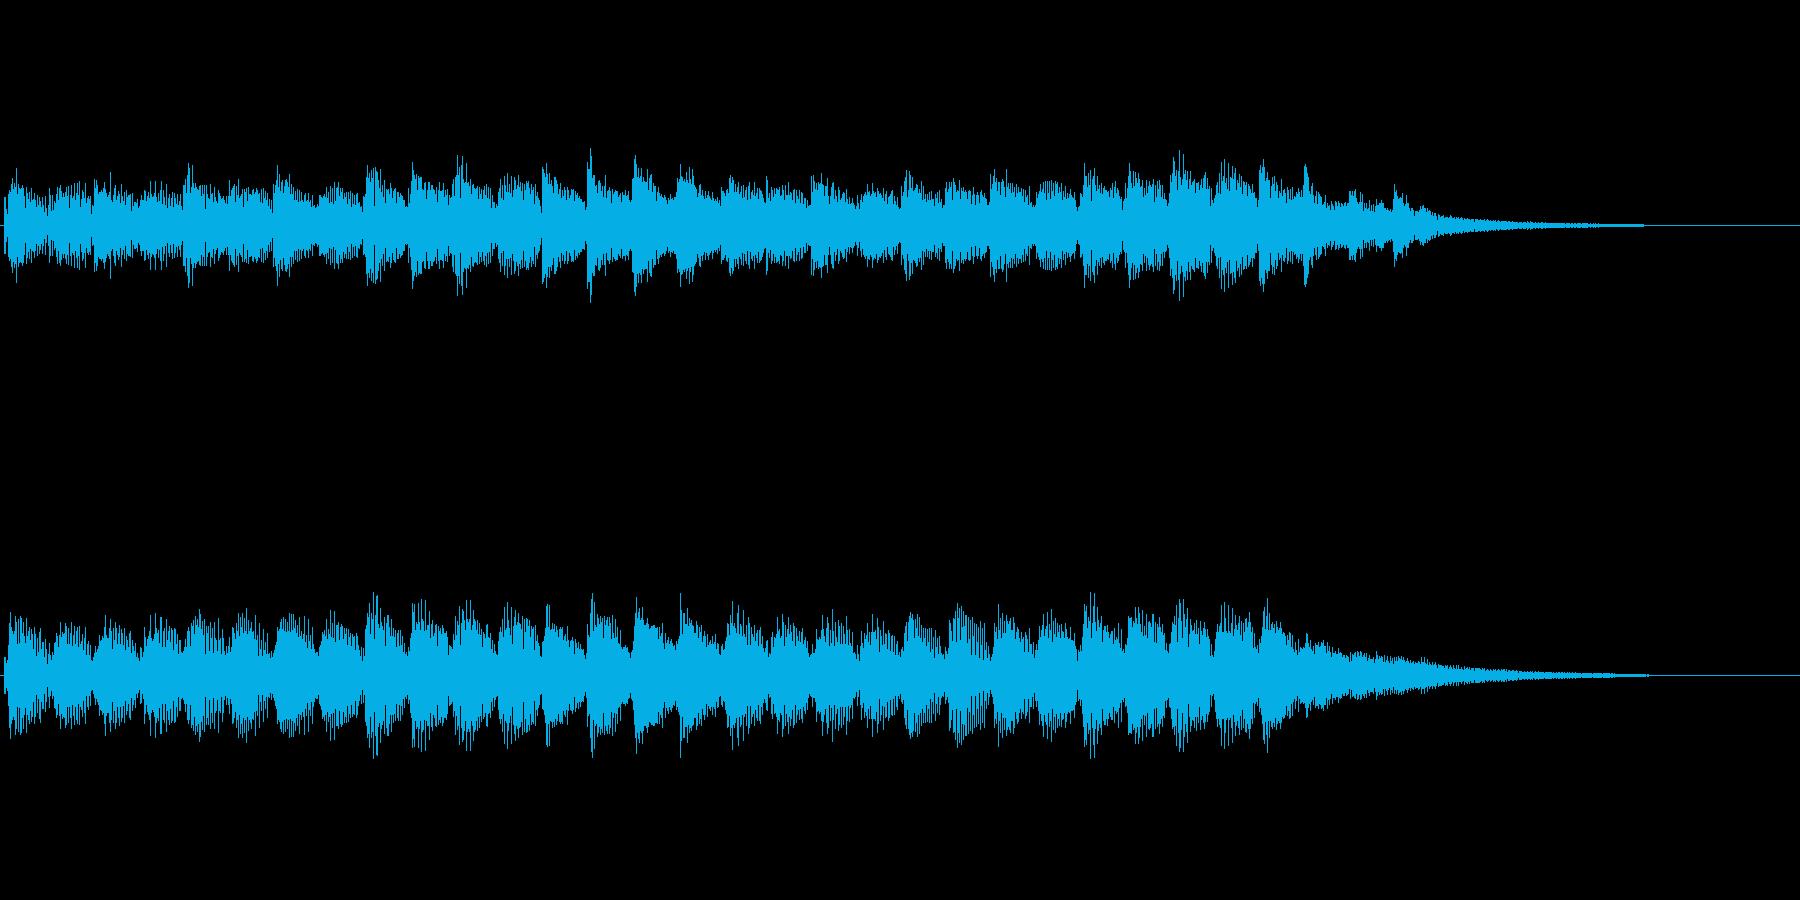 明るいジングル、お祝いのキラキラした音楽の再生済みの波形